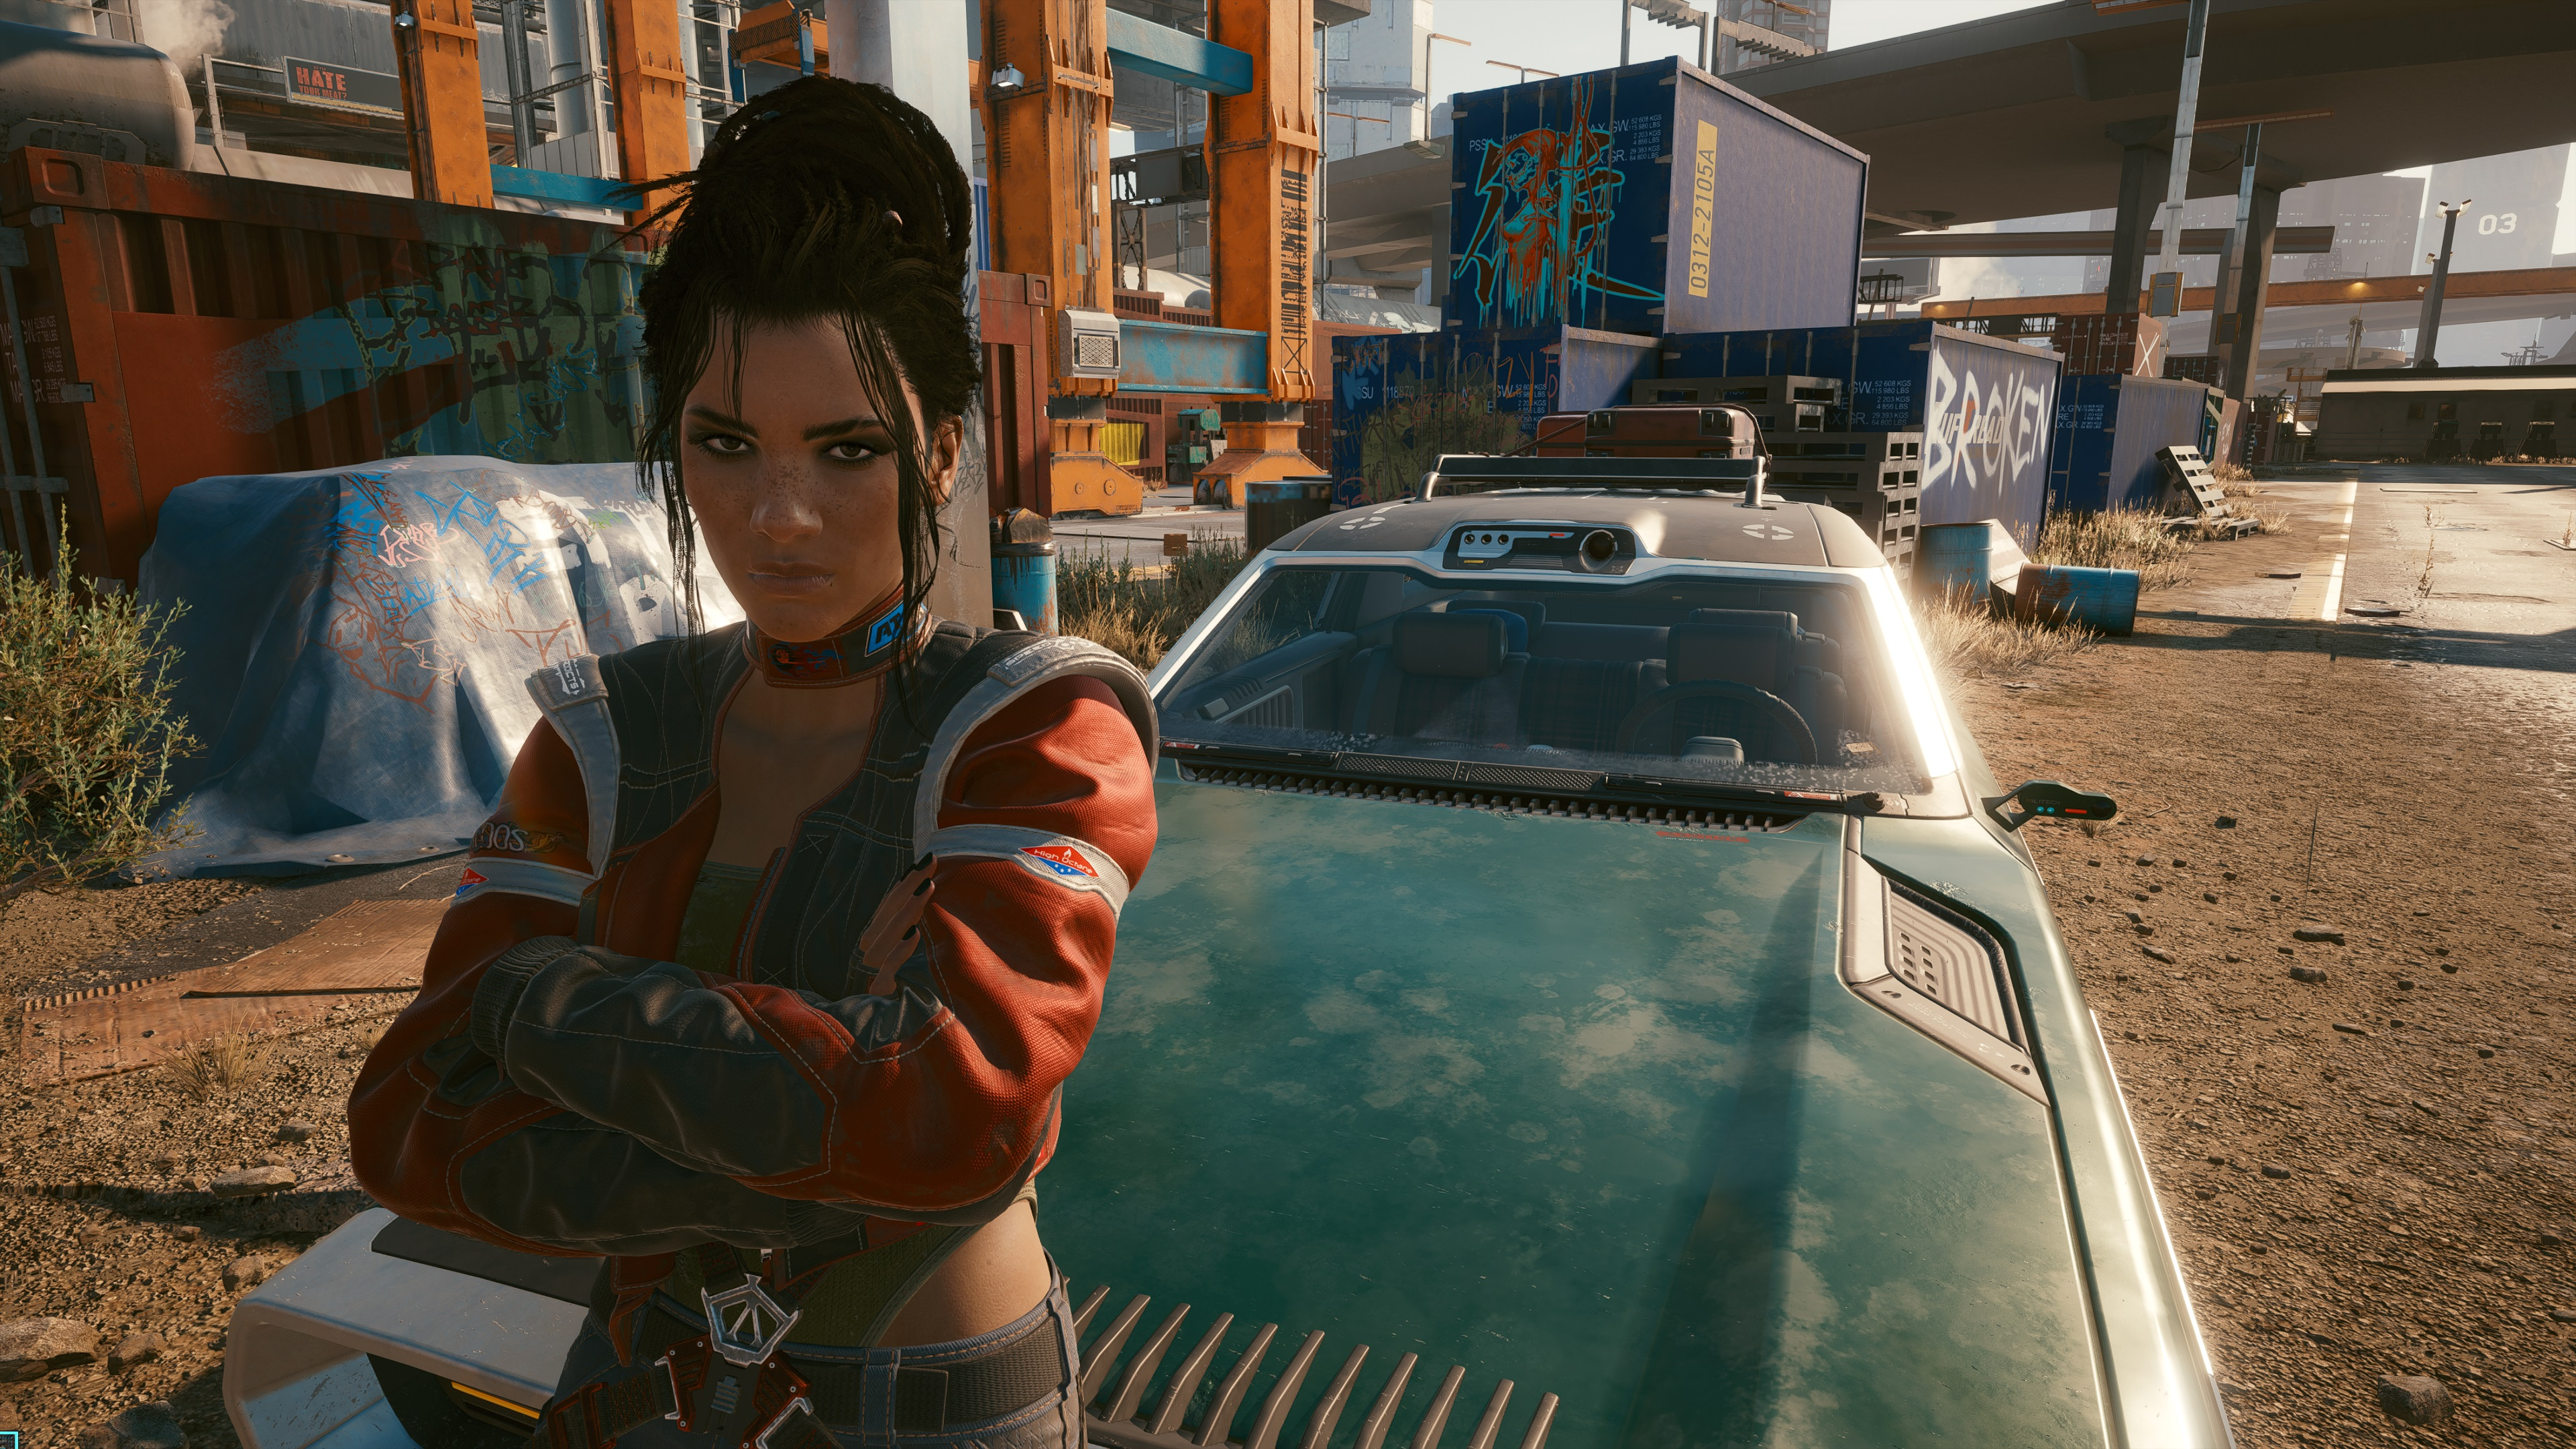 Cyberpunk 2077 Screenshot 2020.12.30 - 16.22.43.90.jpg - Cyberpunk 2077